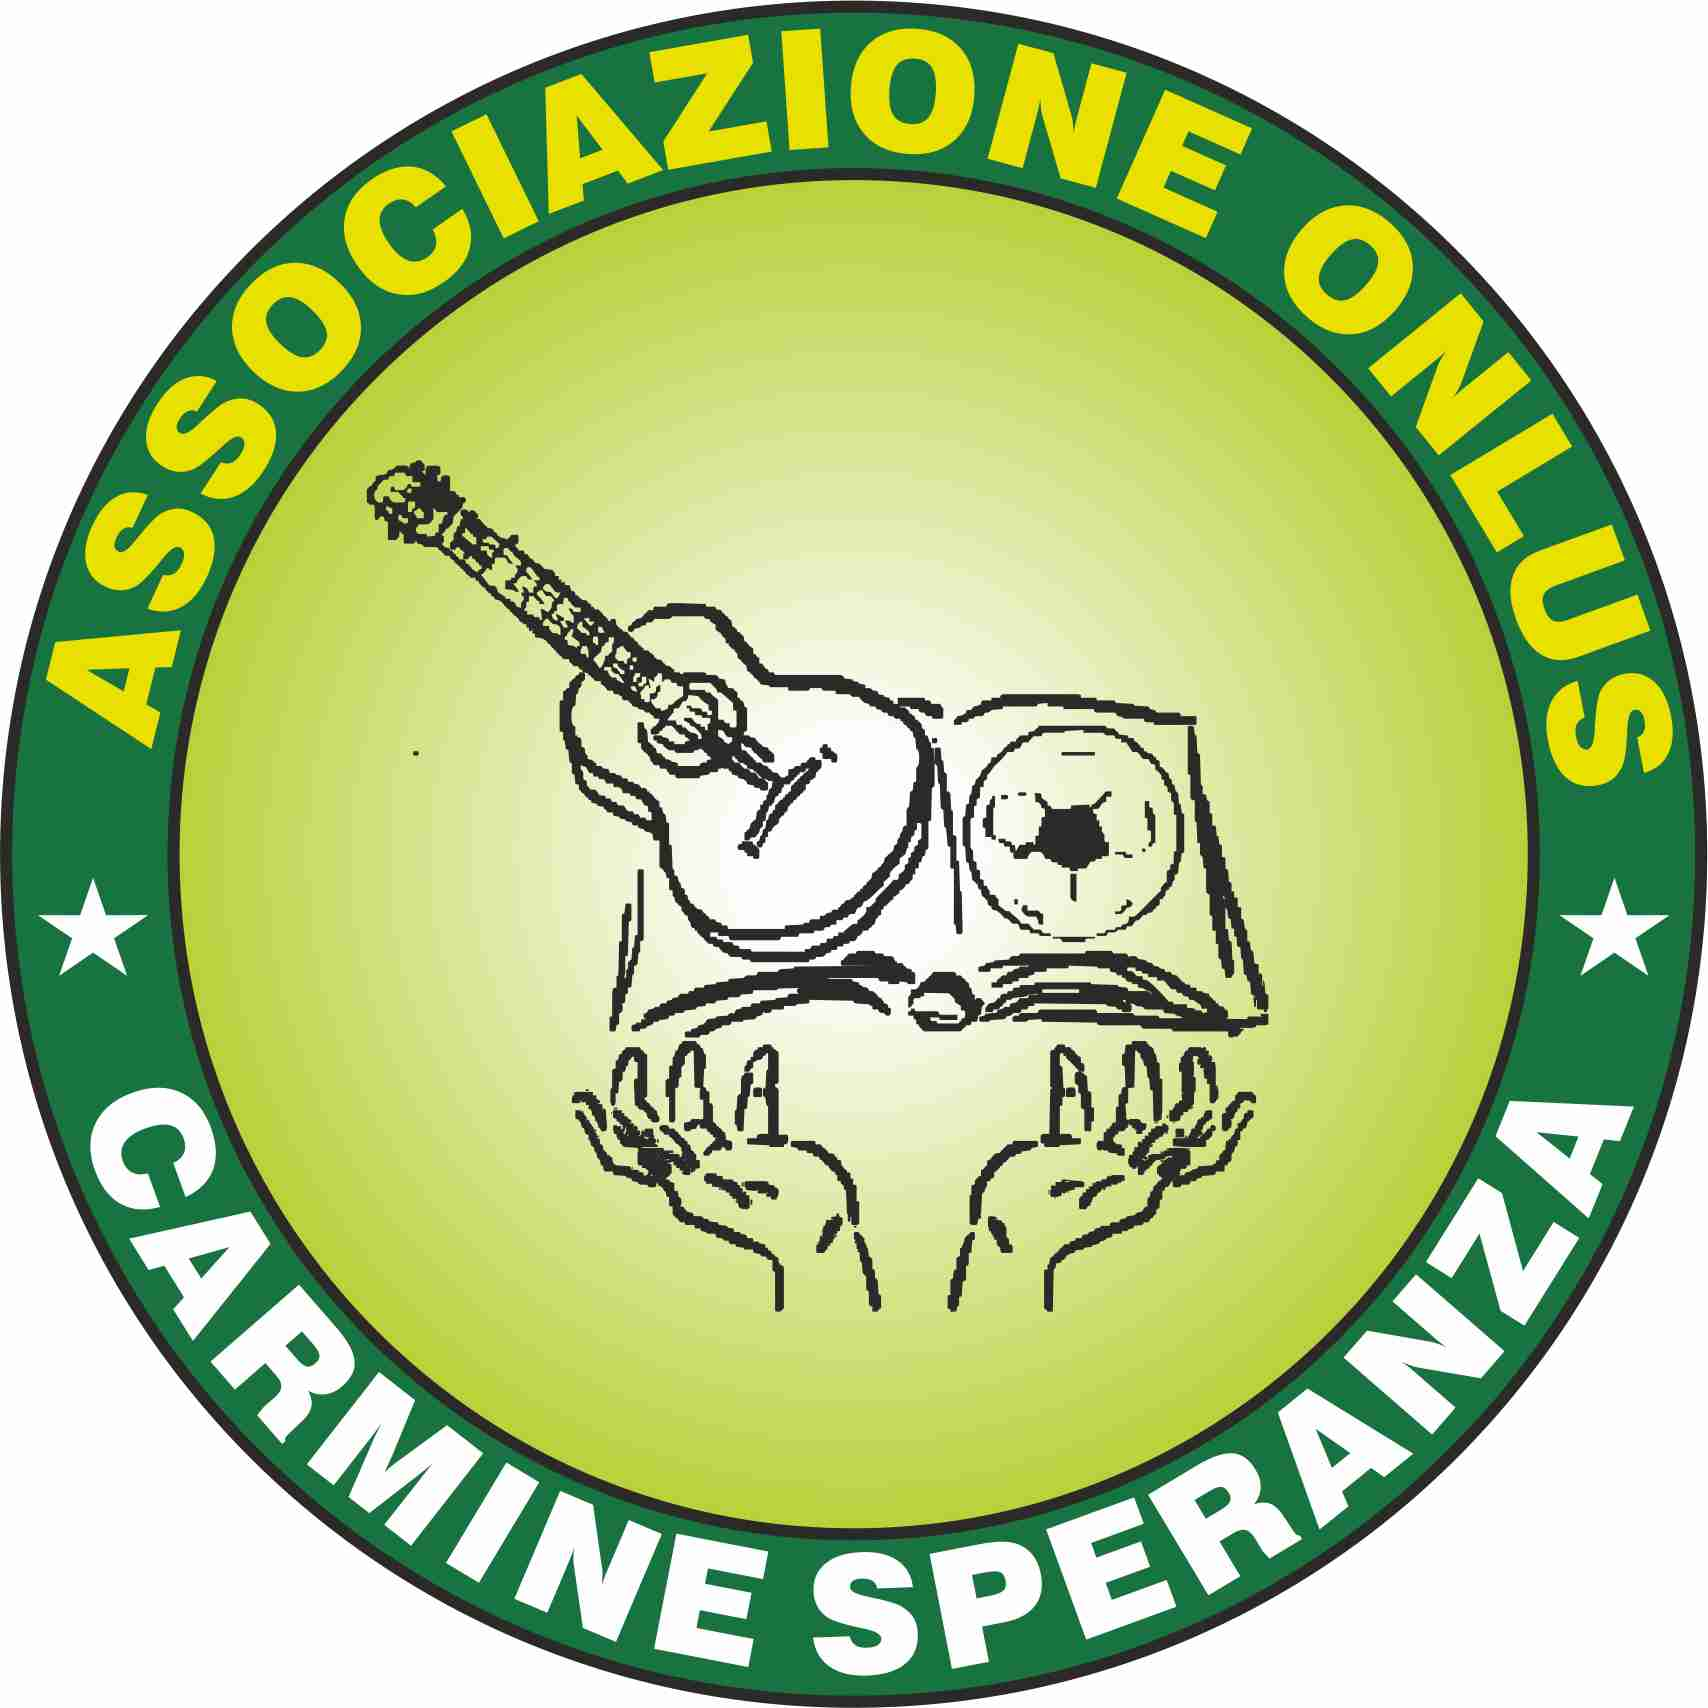 Associazione Onlus Carmine Speranza Giornata Mondiale del cuore Cannalonga 7 ottobre 2018